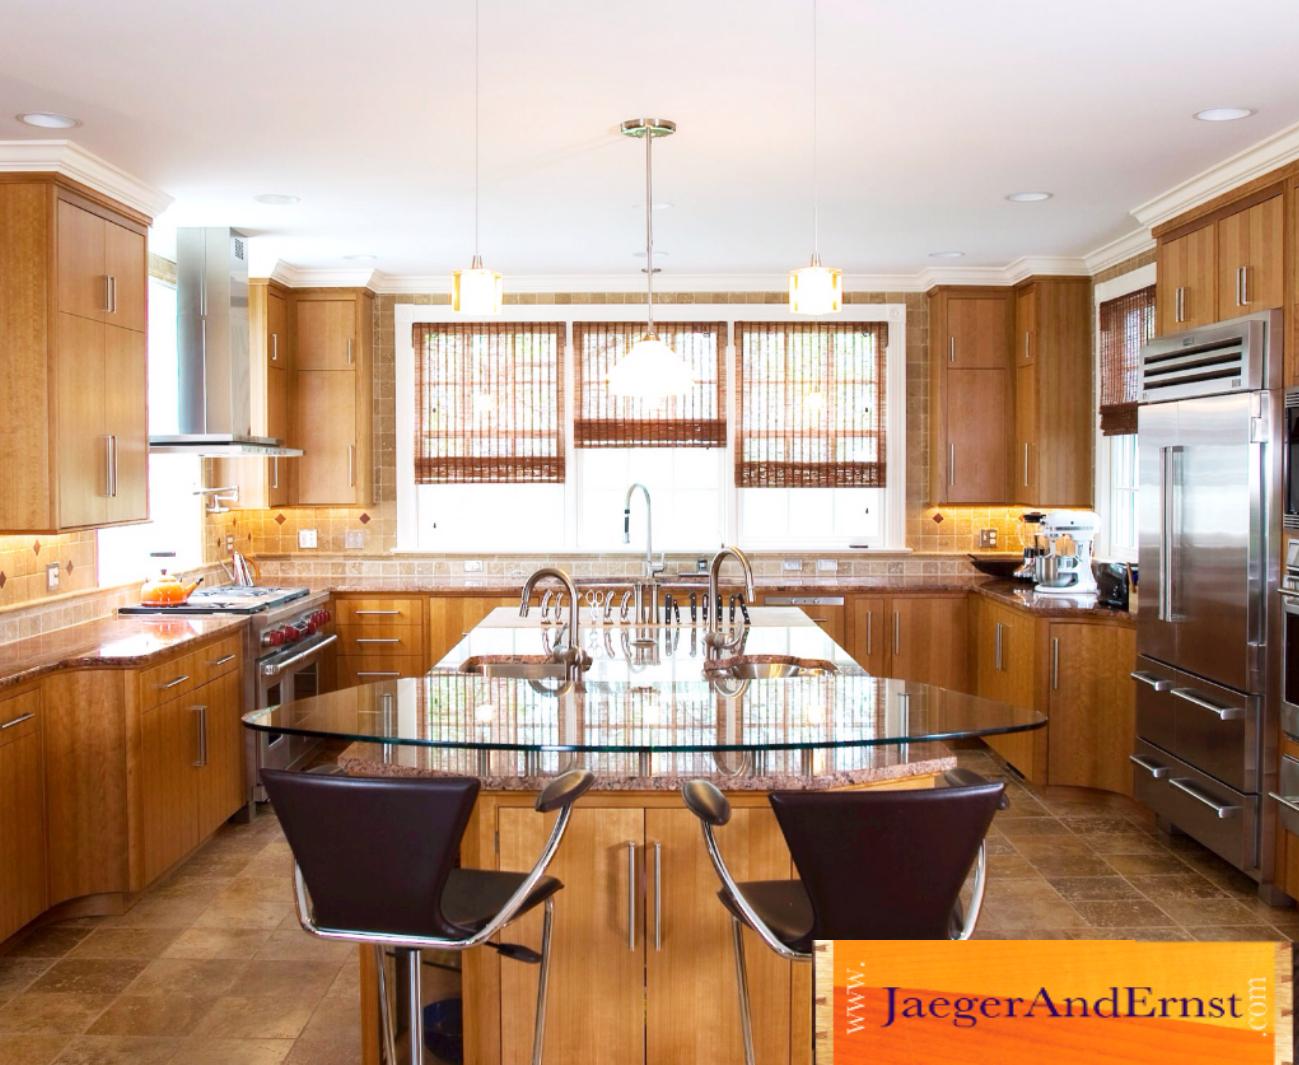 Kitchen Cabinets Richmond Va Local Video Listings Wwwjaegerandernstcom Custom Kitchen